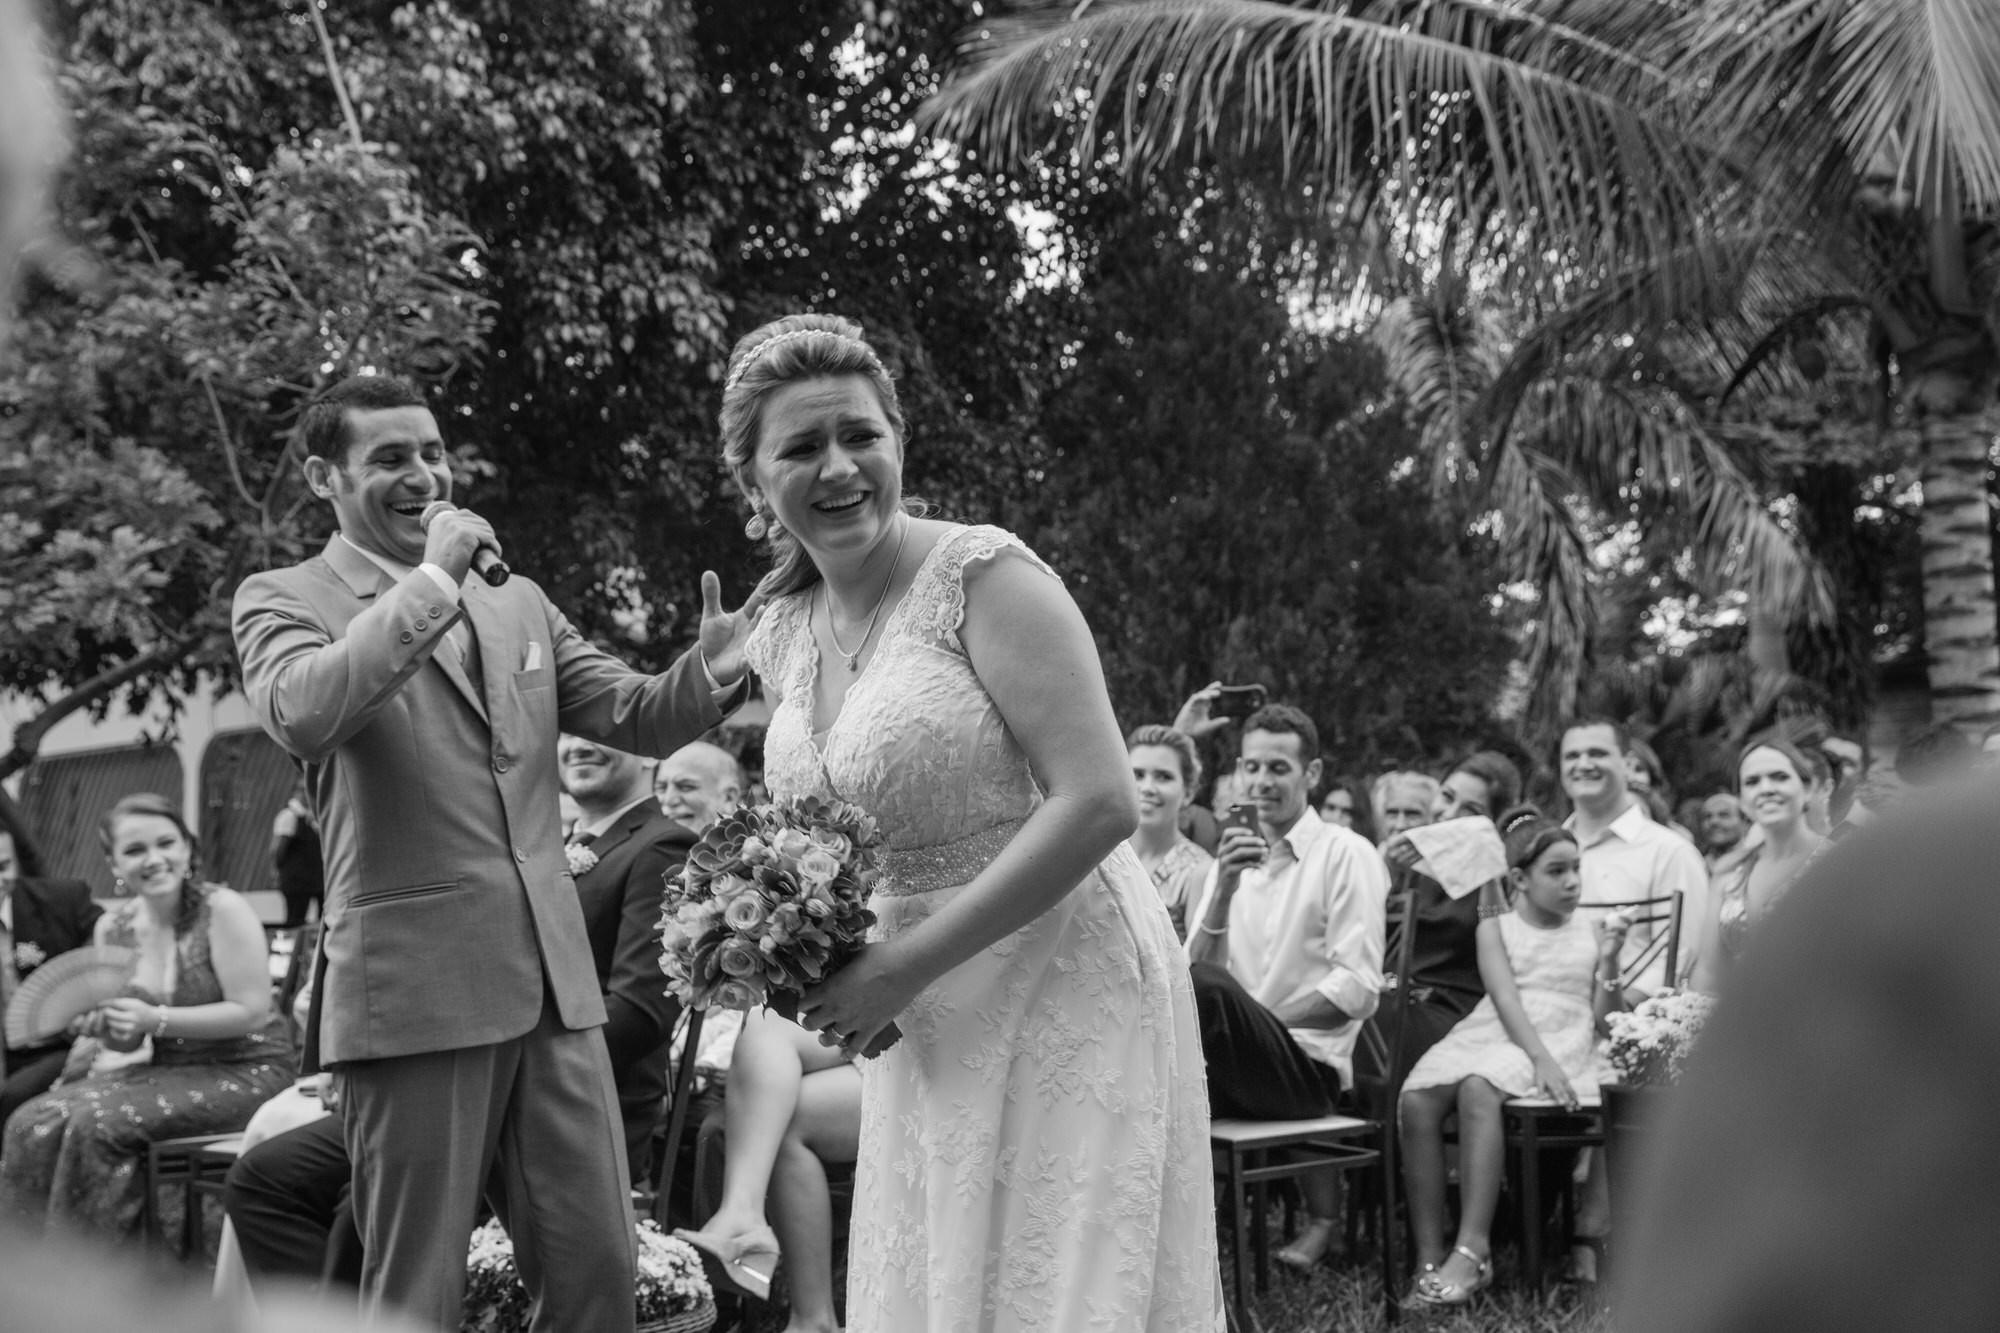 Fabio e Gisele - Casamento em Mundo Novo - MS por Lorran Souza e Léia Sotile - fotografo de casamentos - 00023